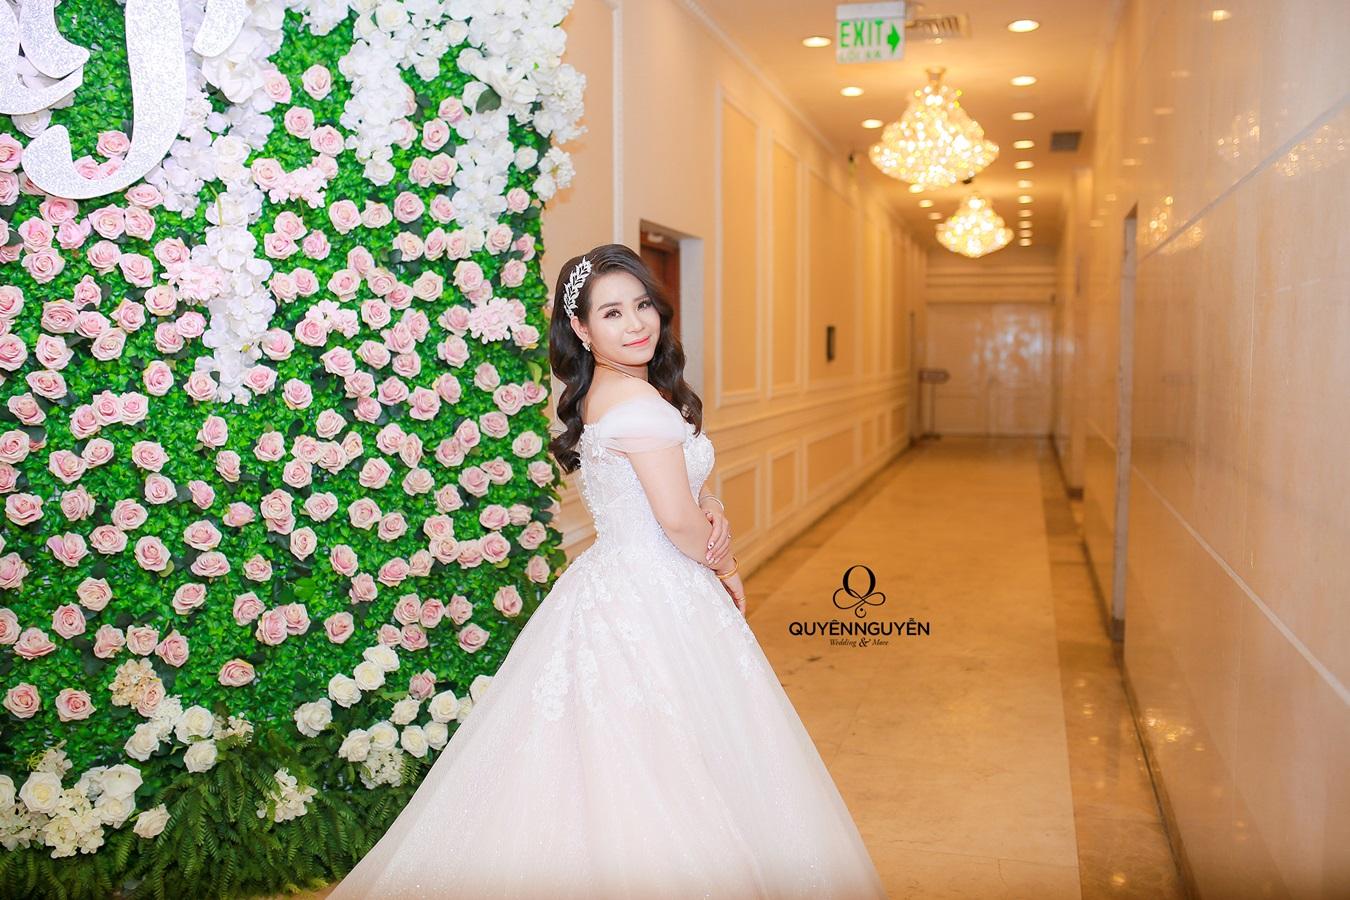 Váy cưới cho cô dâu nhỏ người